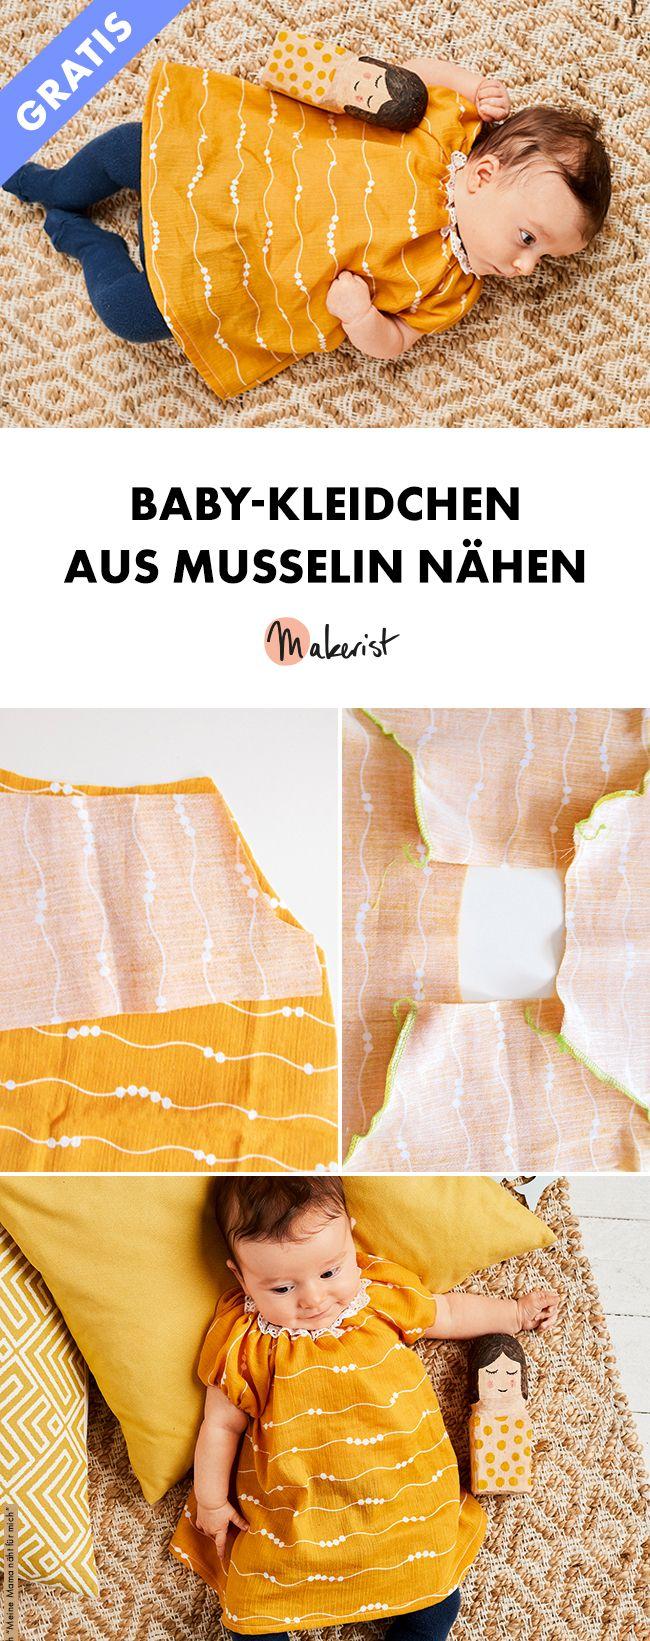 885 best Nähen, Stricken & Mehr images on Pinterest   Factory design ...